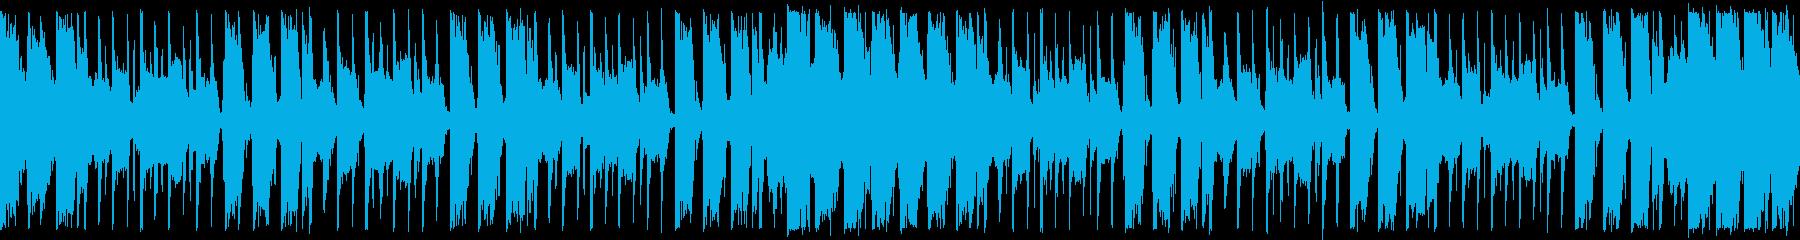 ダンスエクササイズBPM110:ショートの再生済みの波形